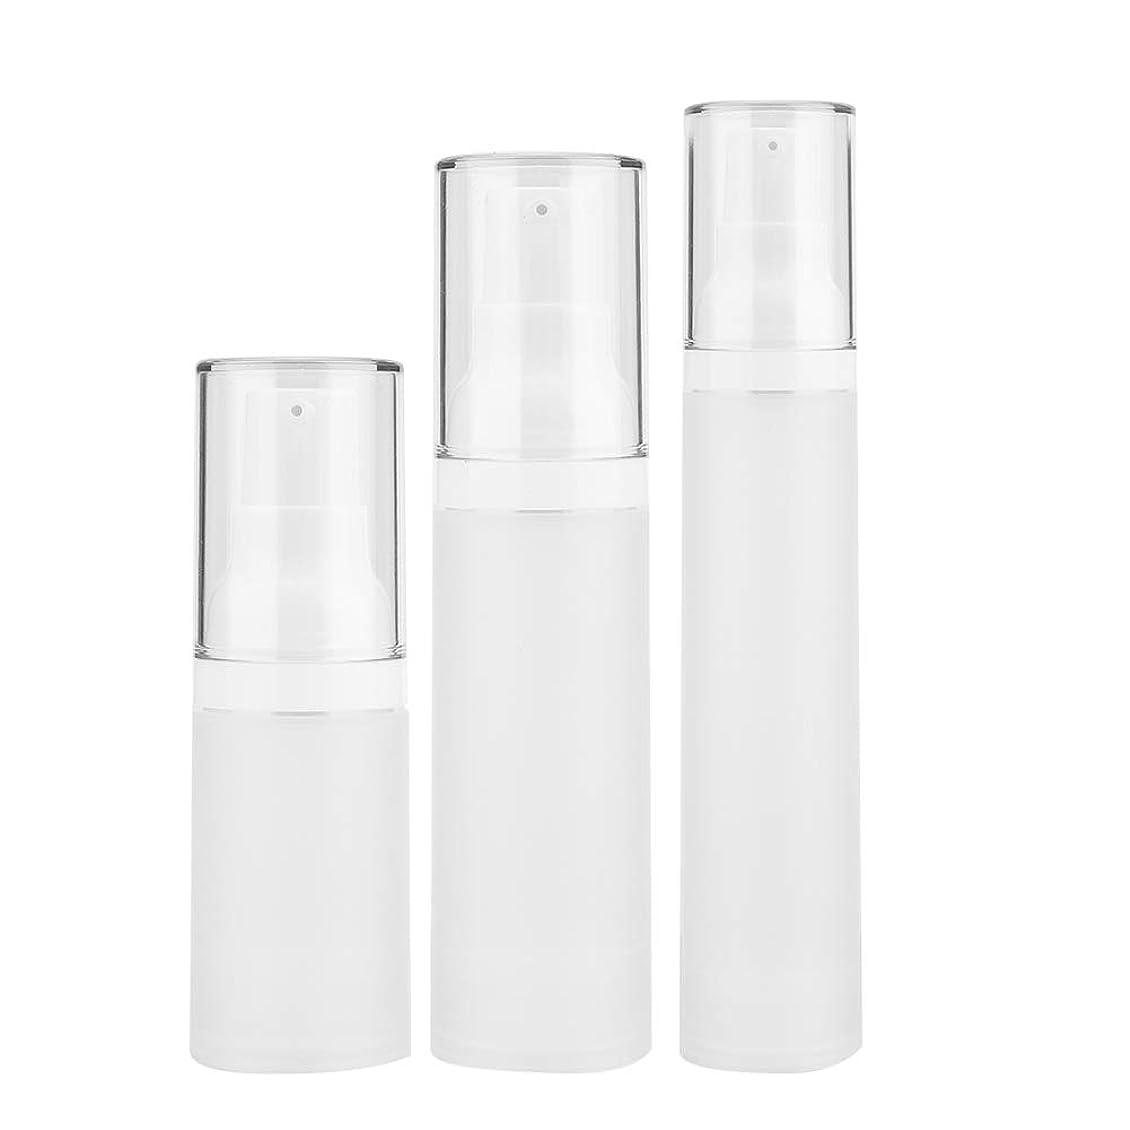 アラバマ知覚さわやか3本入りトラベルボトルセット - 化粧品旅行用容器、化粧品容器が空の化粧品容器付きペットボトル - シャンプーとスプレー用(3 pcs)